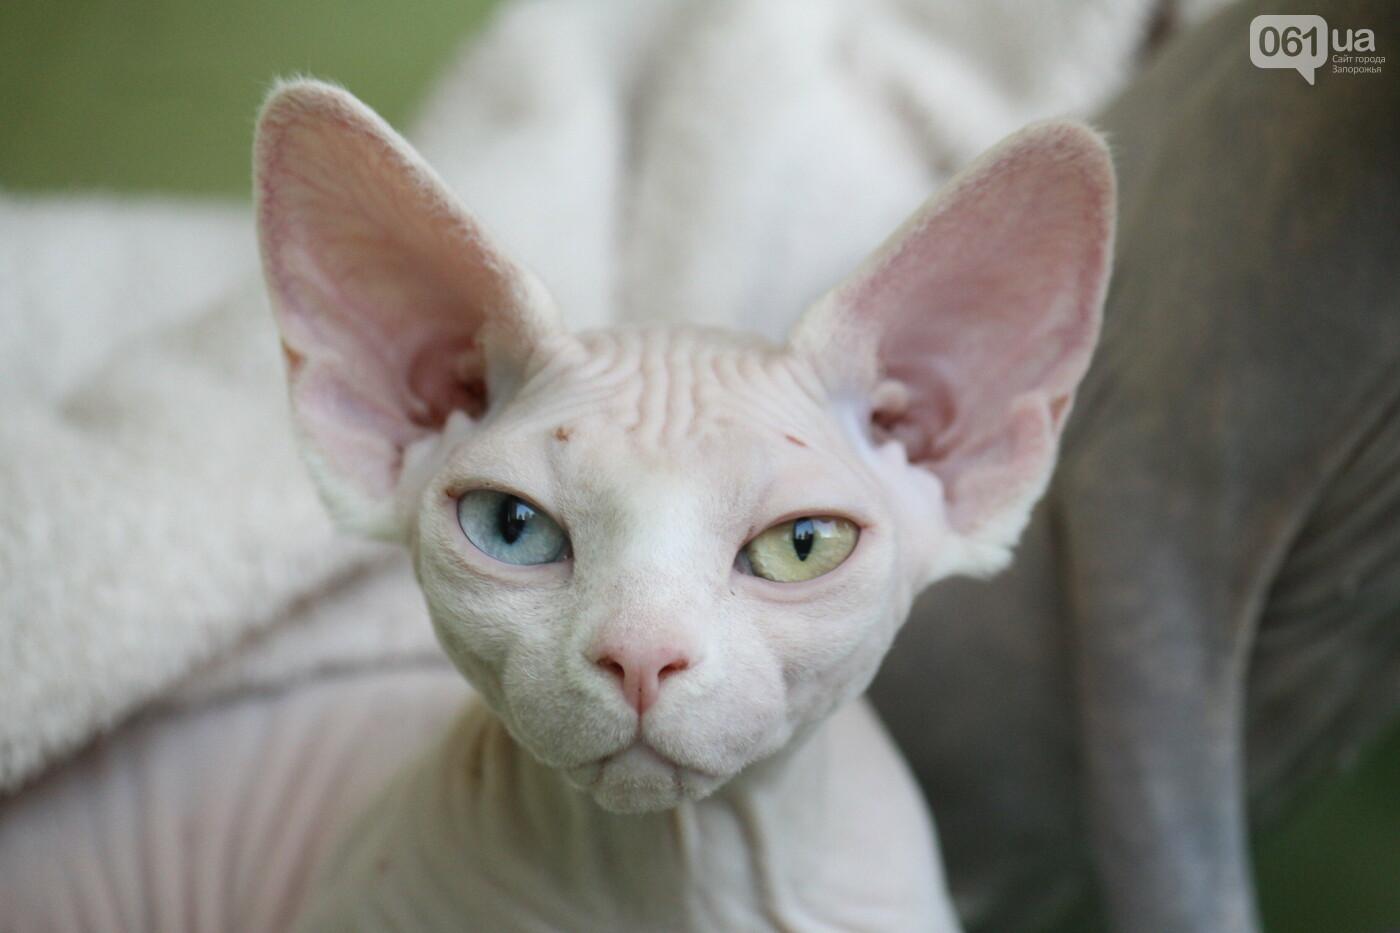 В Запорожье на выставке кошек показали 130 питомцев со всей Украины, – ФОТОРЕПОРТАЖ, фото-7